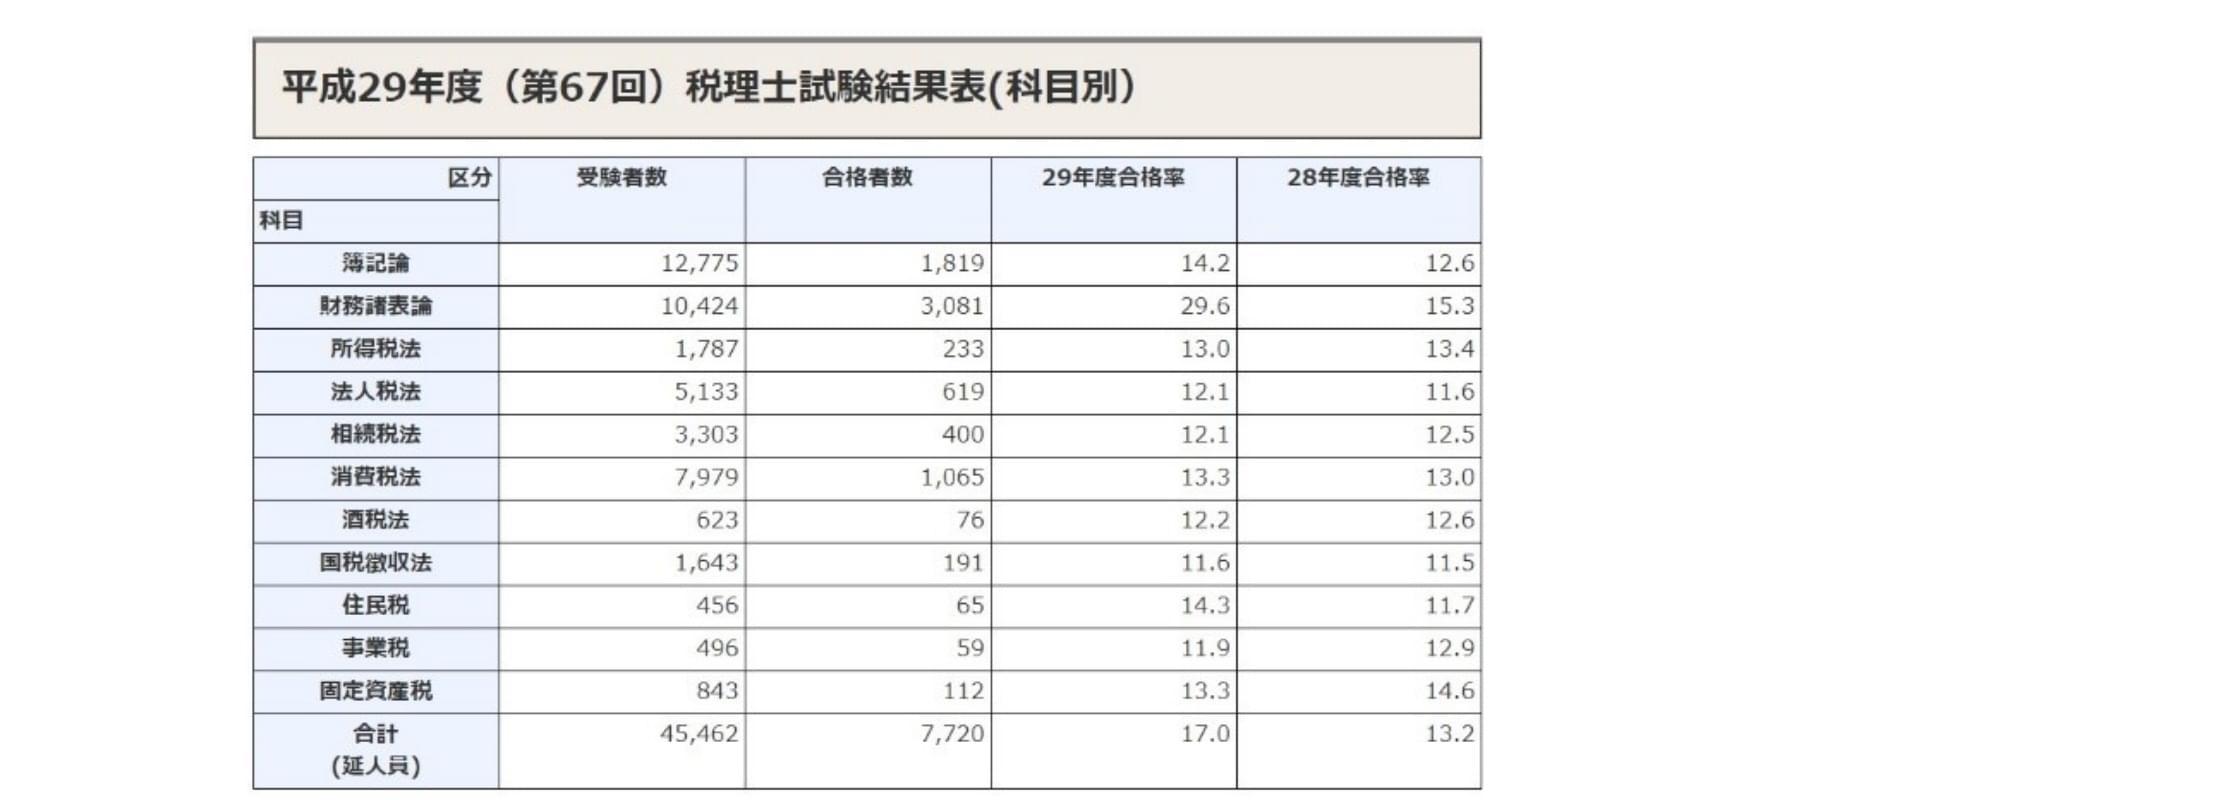 税理士合格率H29